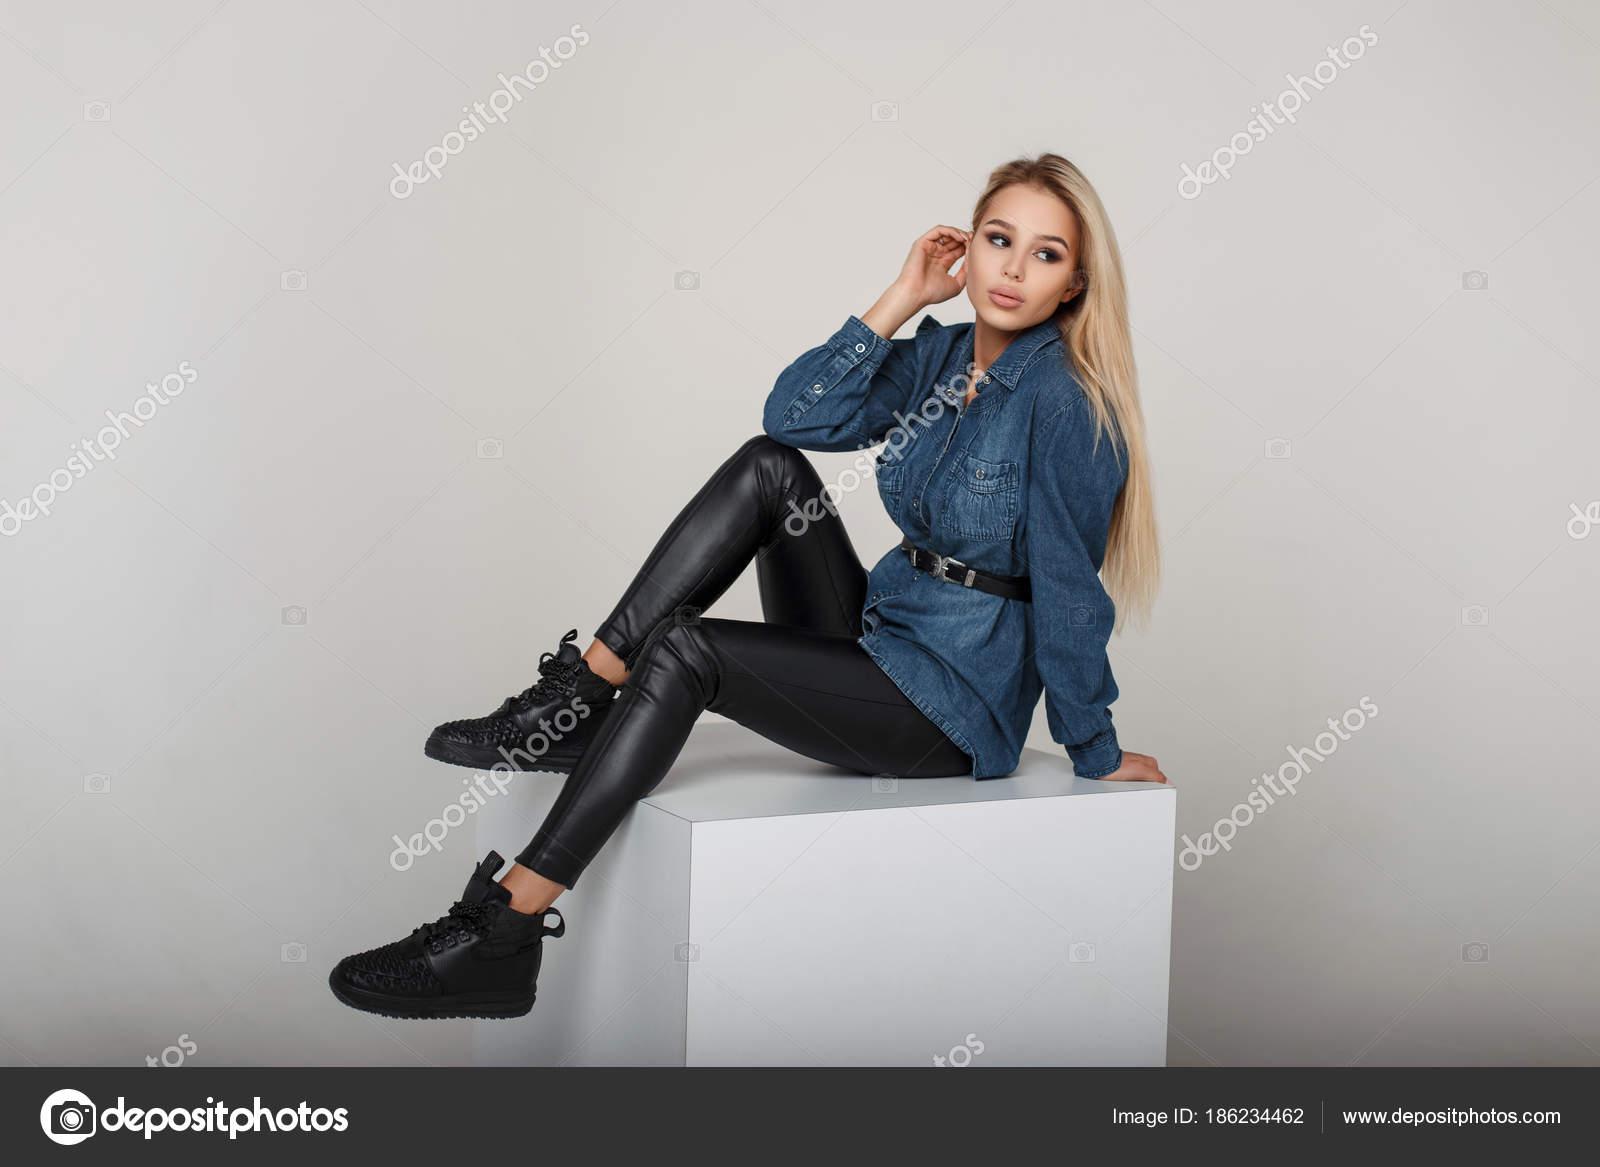 In E Di Americano Donna Giovane Pantaloni Neri Camicia Modello Jeans nw0kOX8P